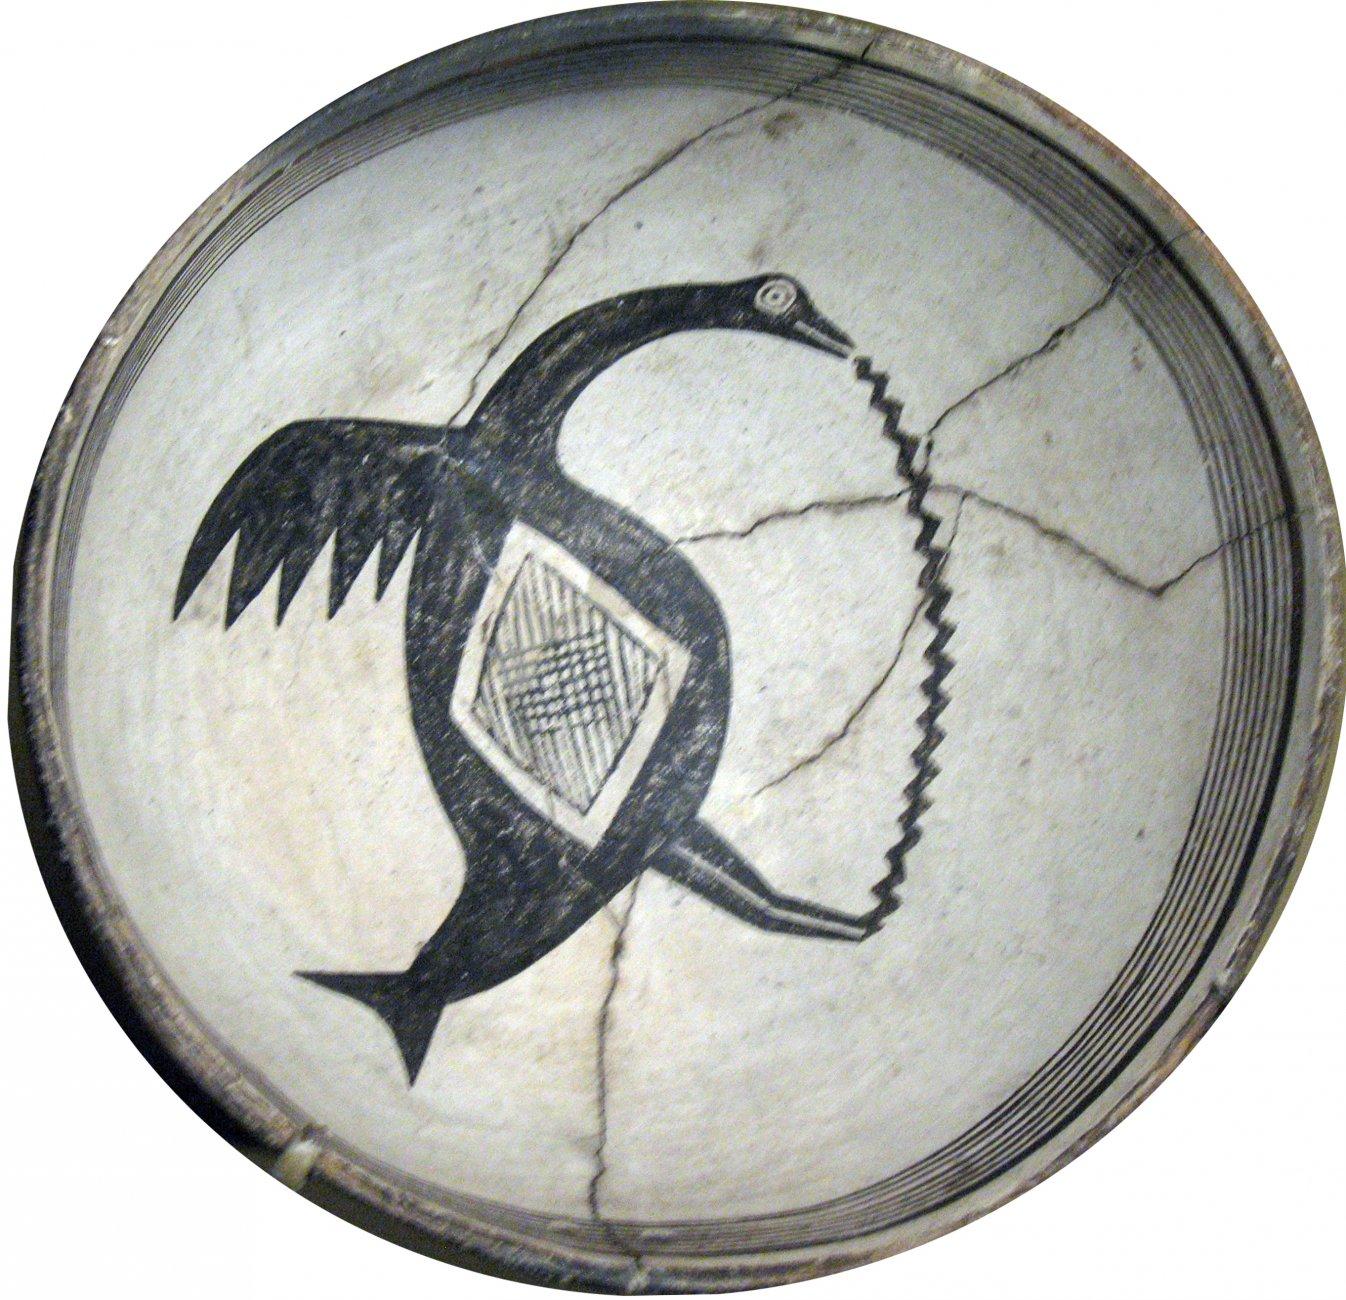 1200-1450_Mimbres_bowl_anagoria_IMG_5584.JPG